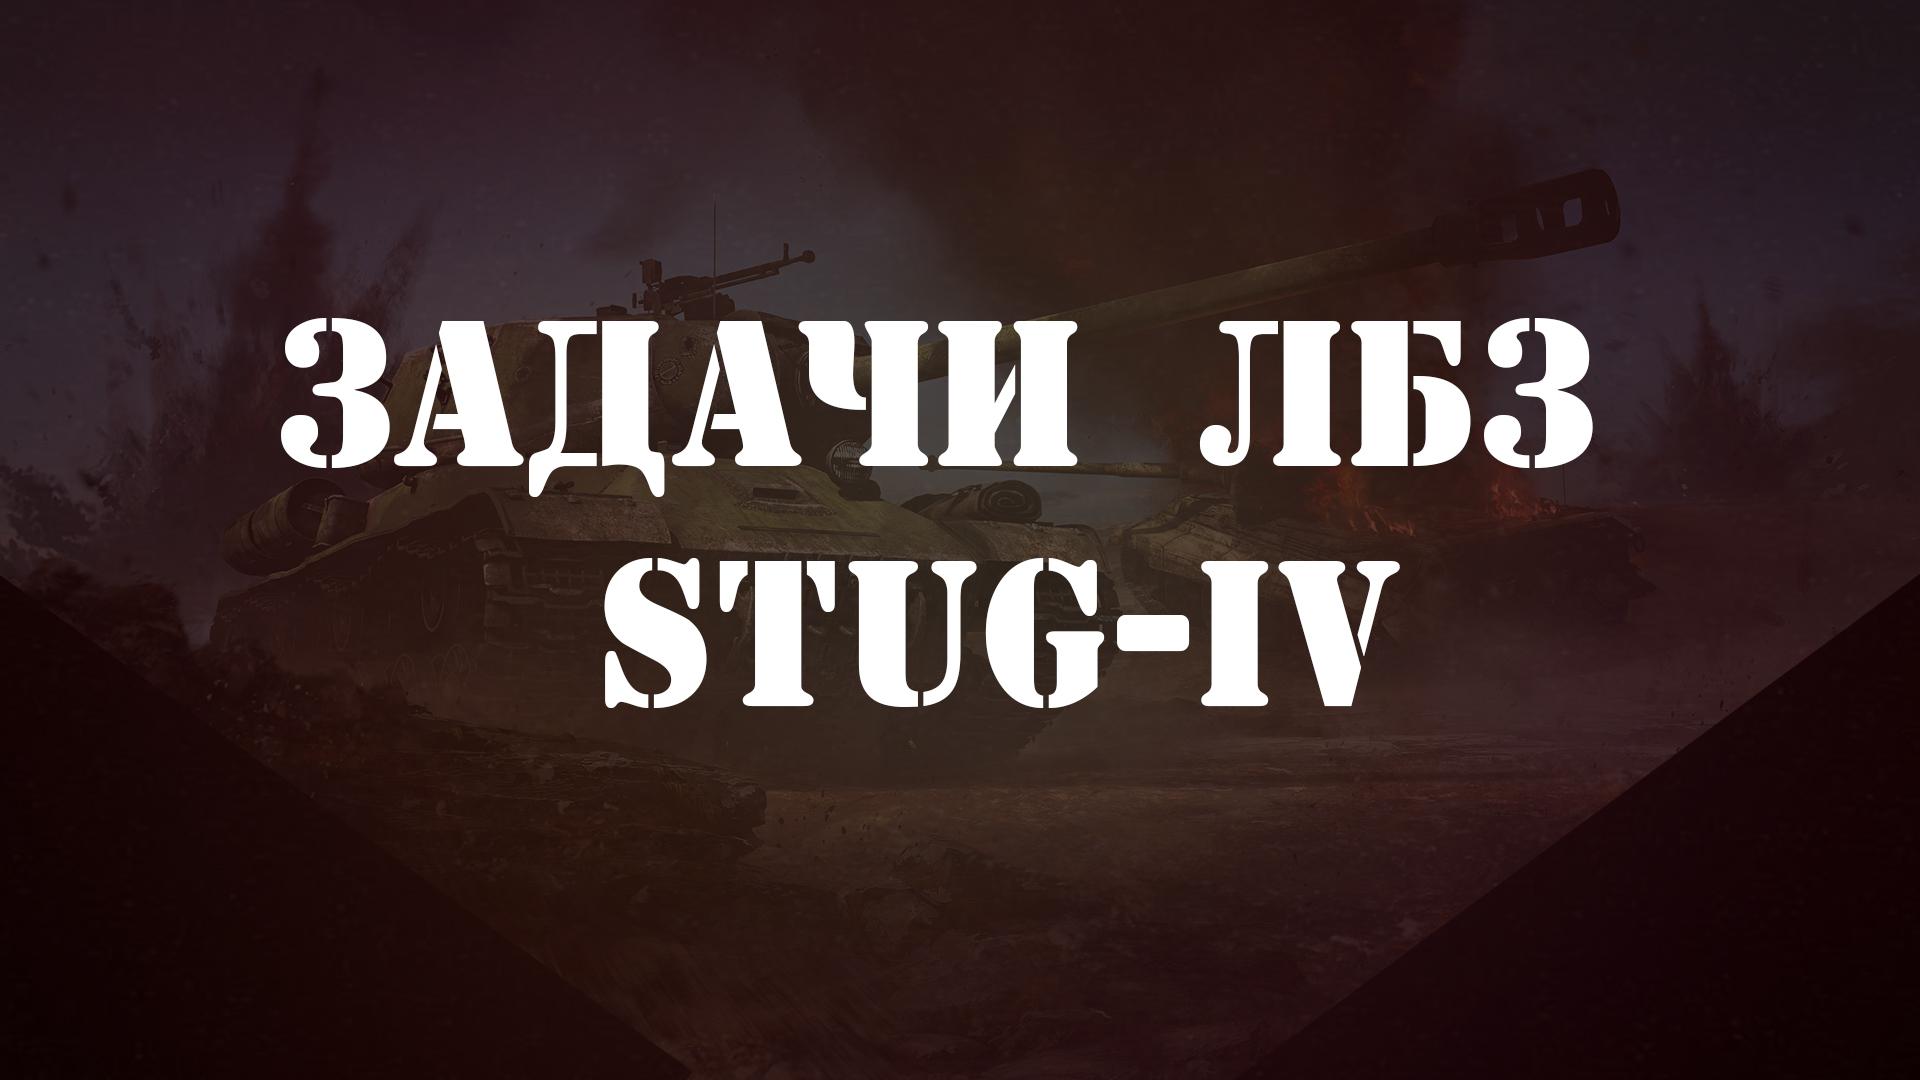 Задачи ЛБЗ  stugIV